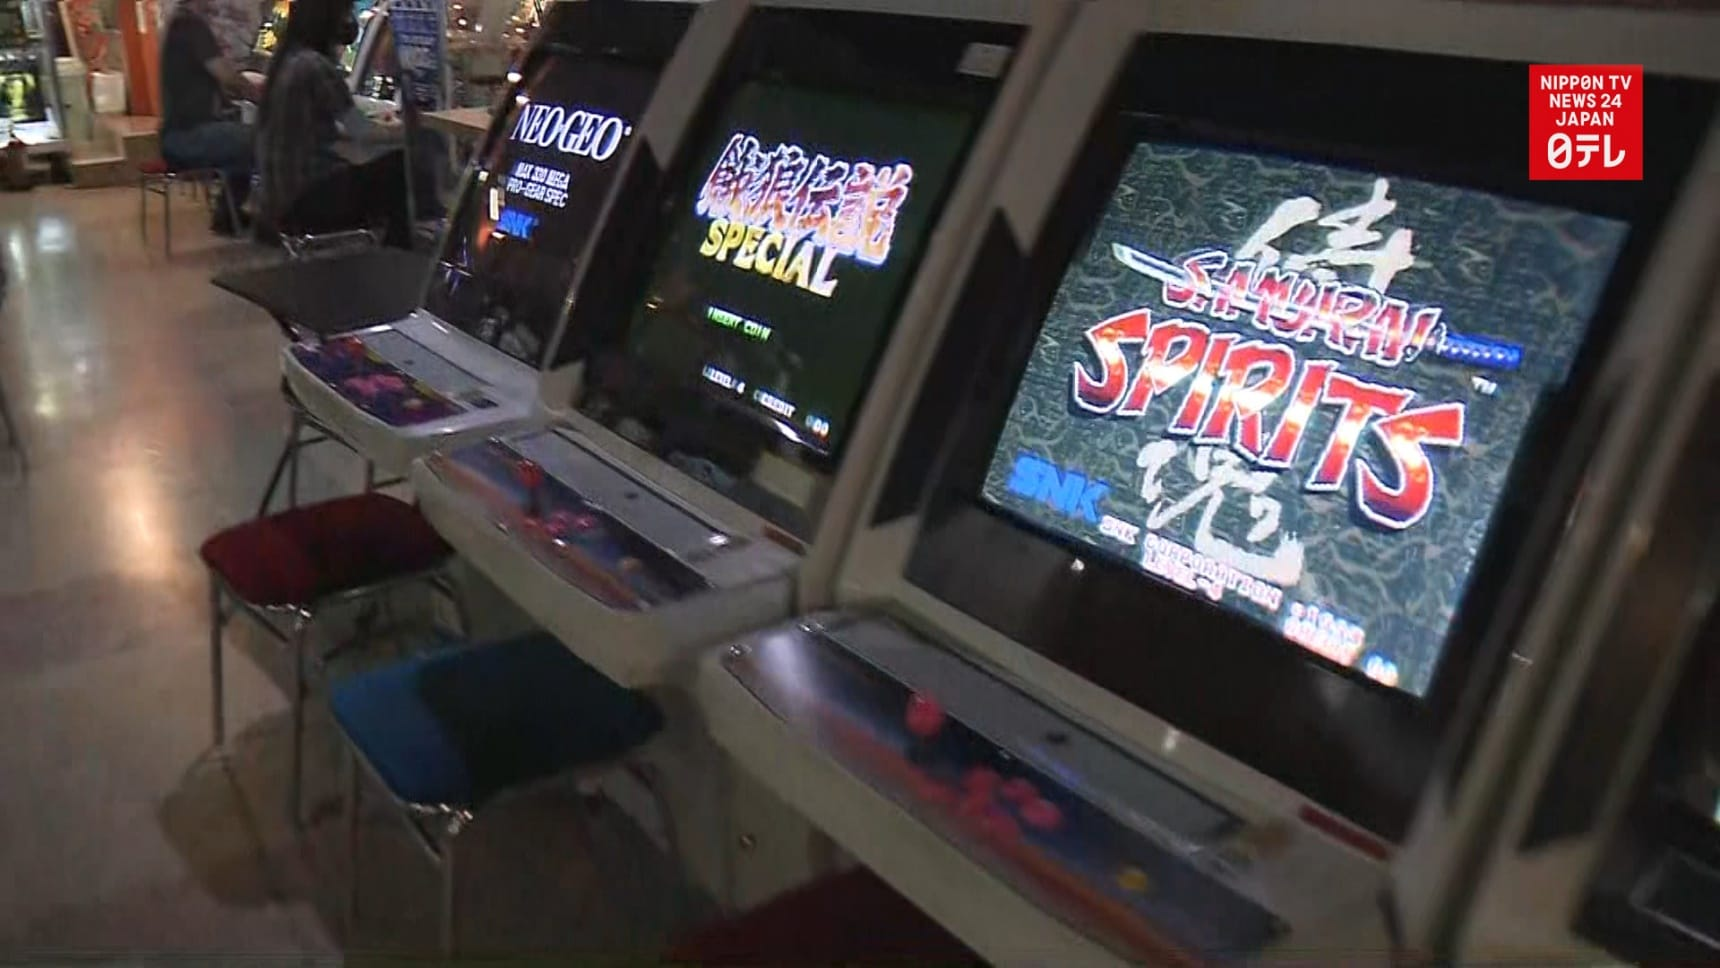 Game Arcades, Karaoke Rooms Reopen in Tokyo